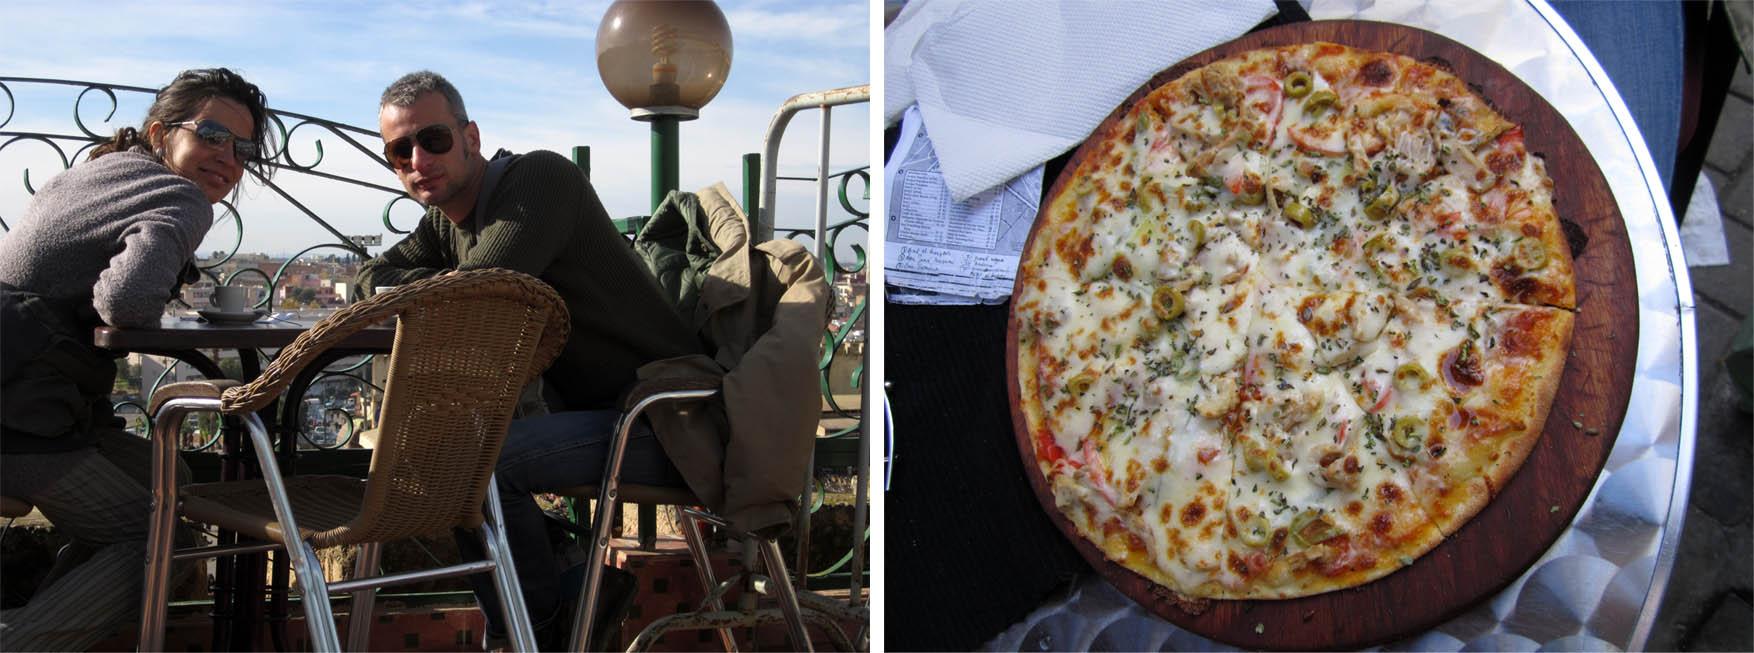 43 meknes pizza i predah